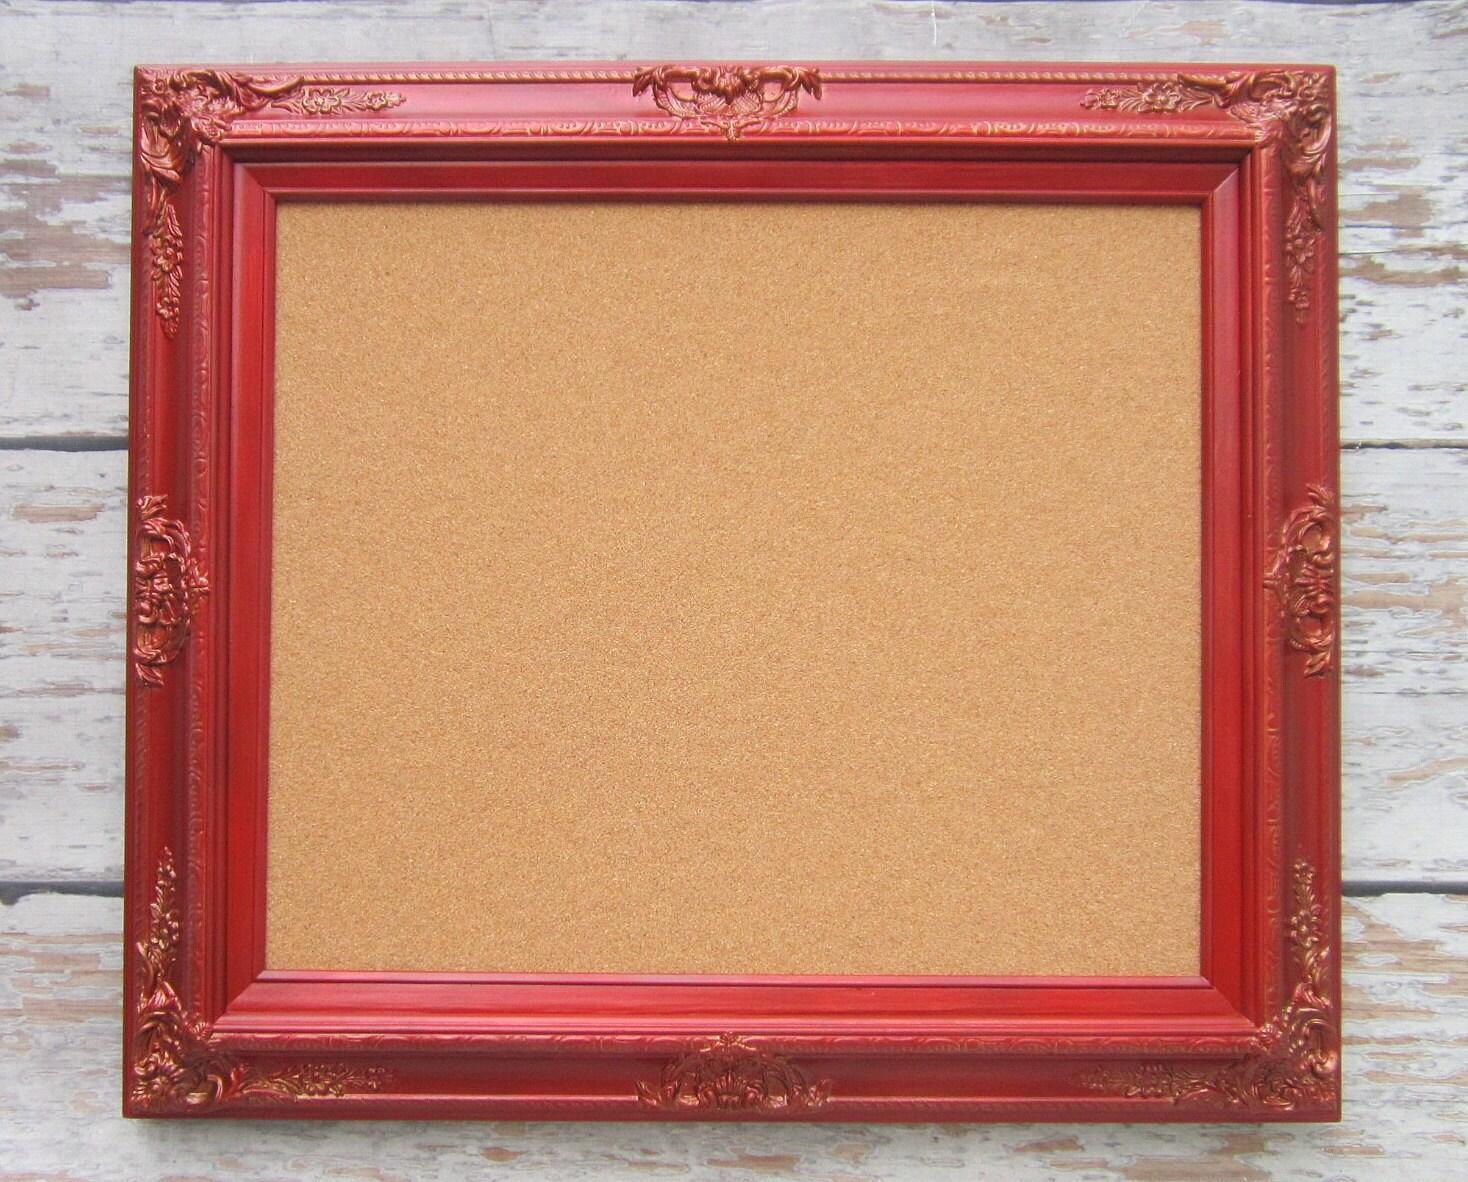 Decorative Framed Cork Boards For Sale Memo By Revivedvintage